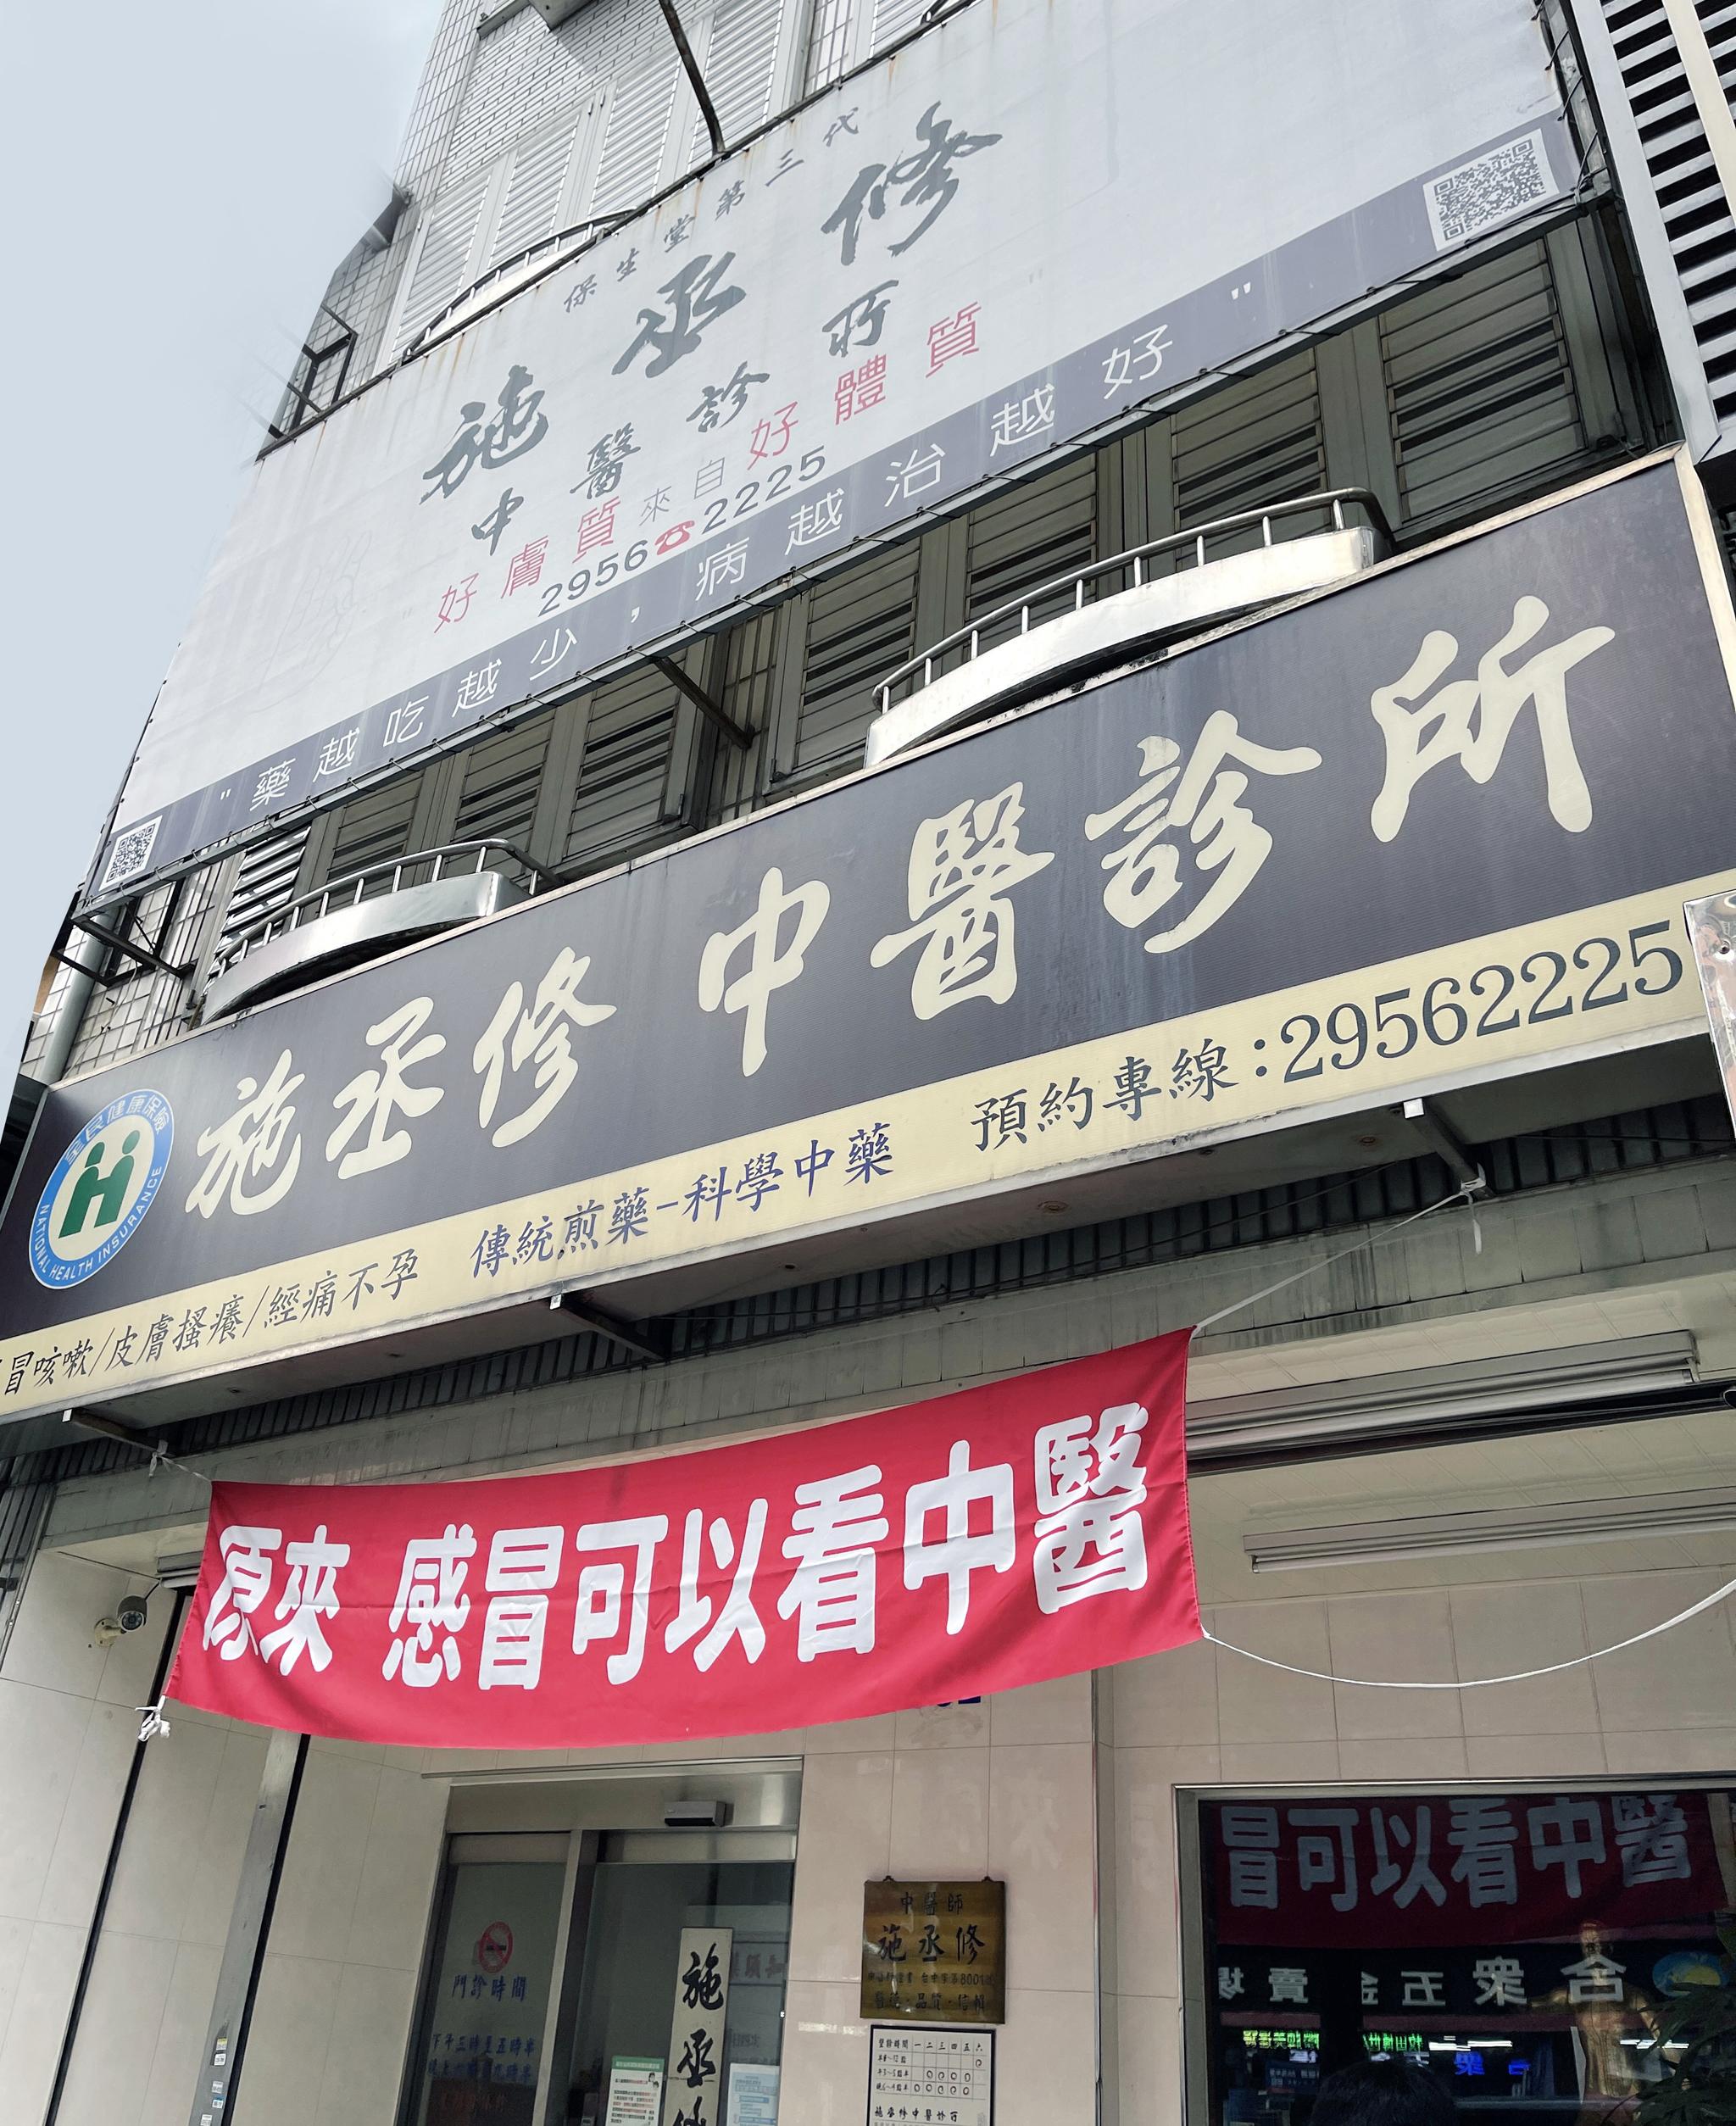 診所座落在板橋區中山路二段。